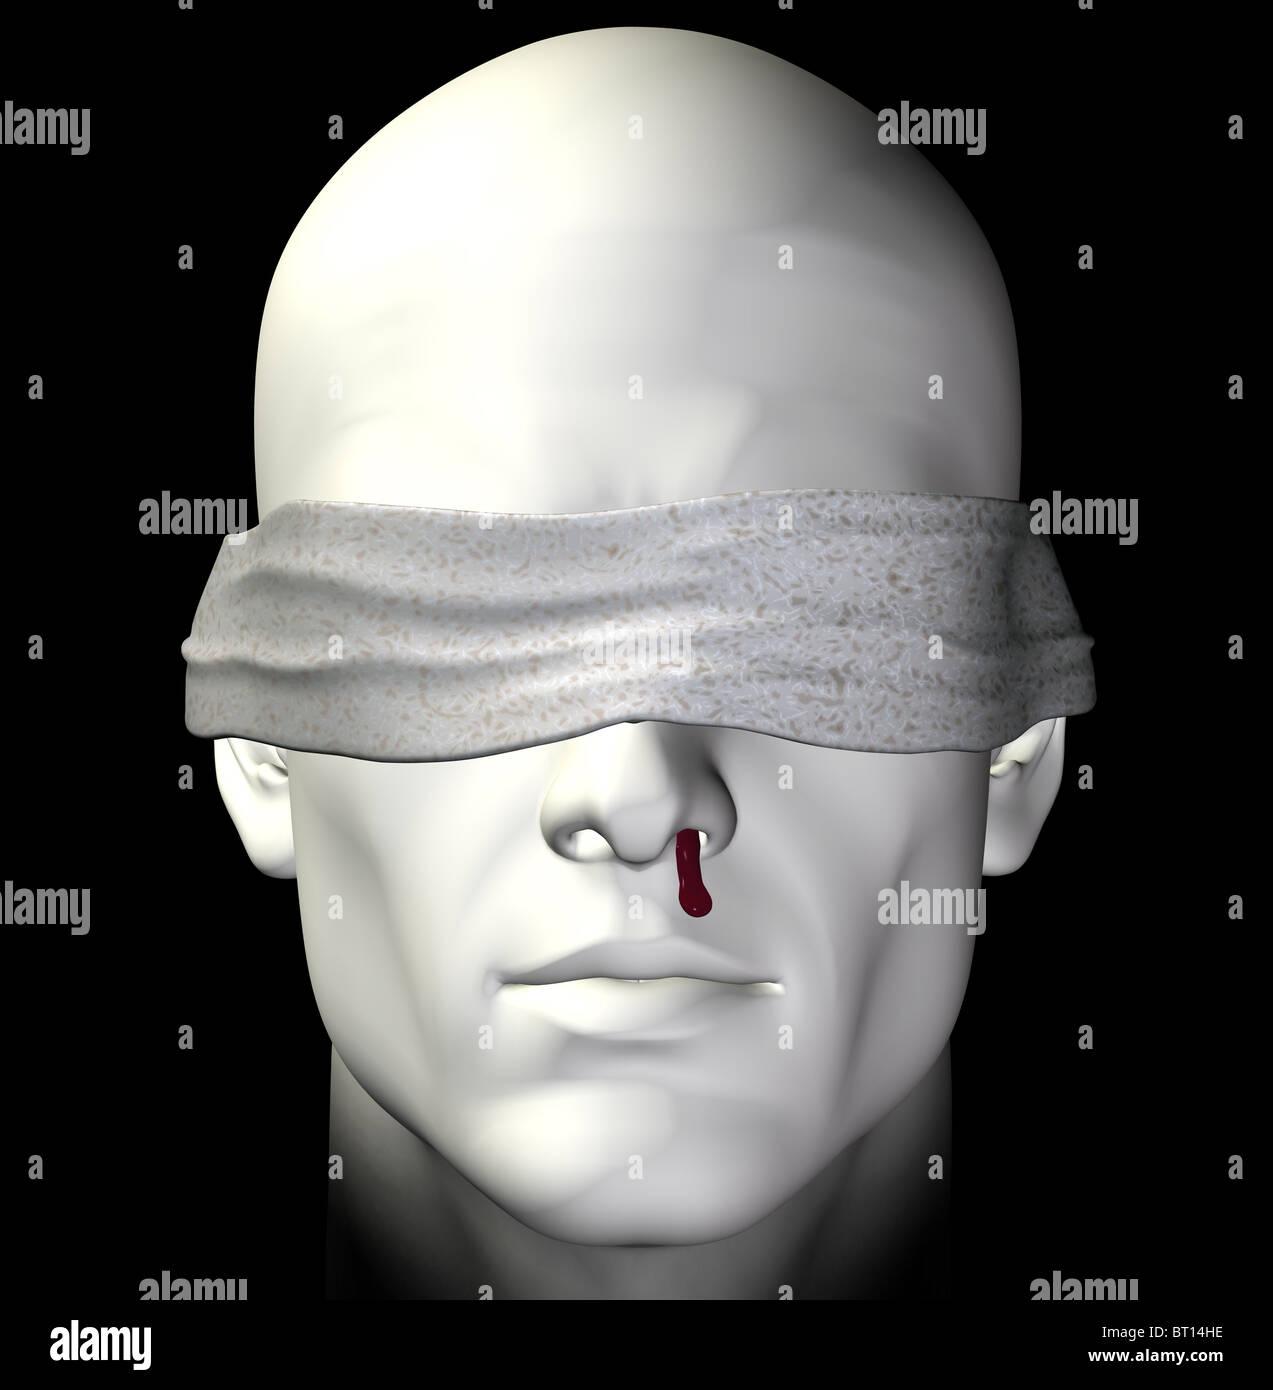 Blindfolded tortured man with bleeding nose. 3d illustration. - Stock Image